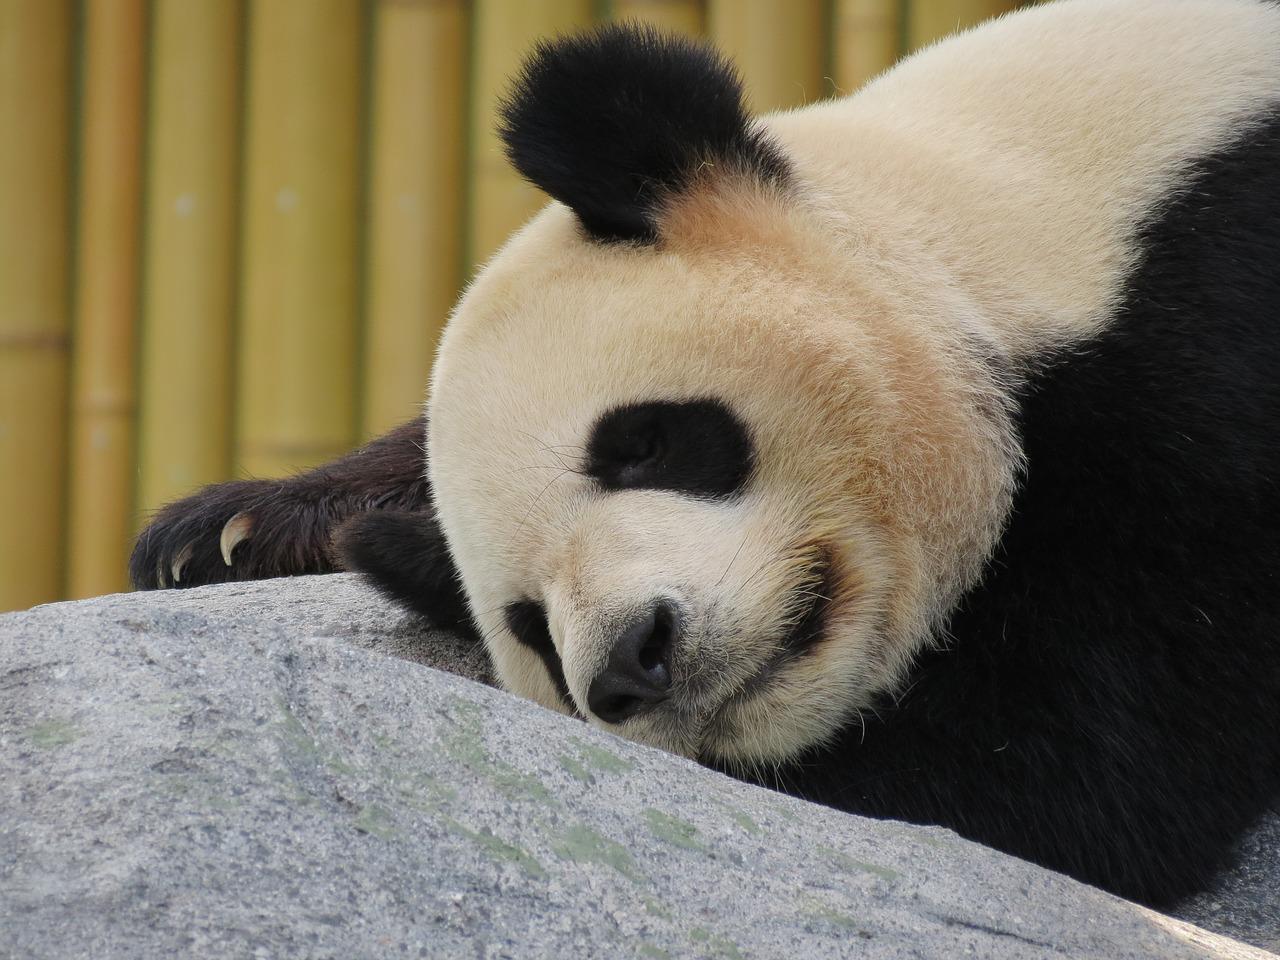 ähtäri panda pandapolitiikka